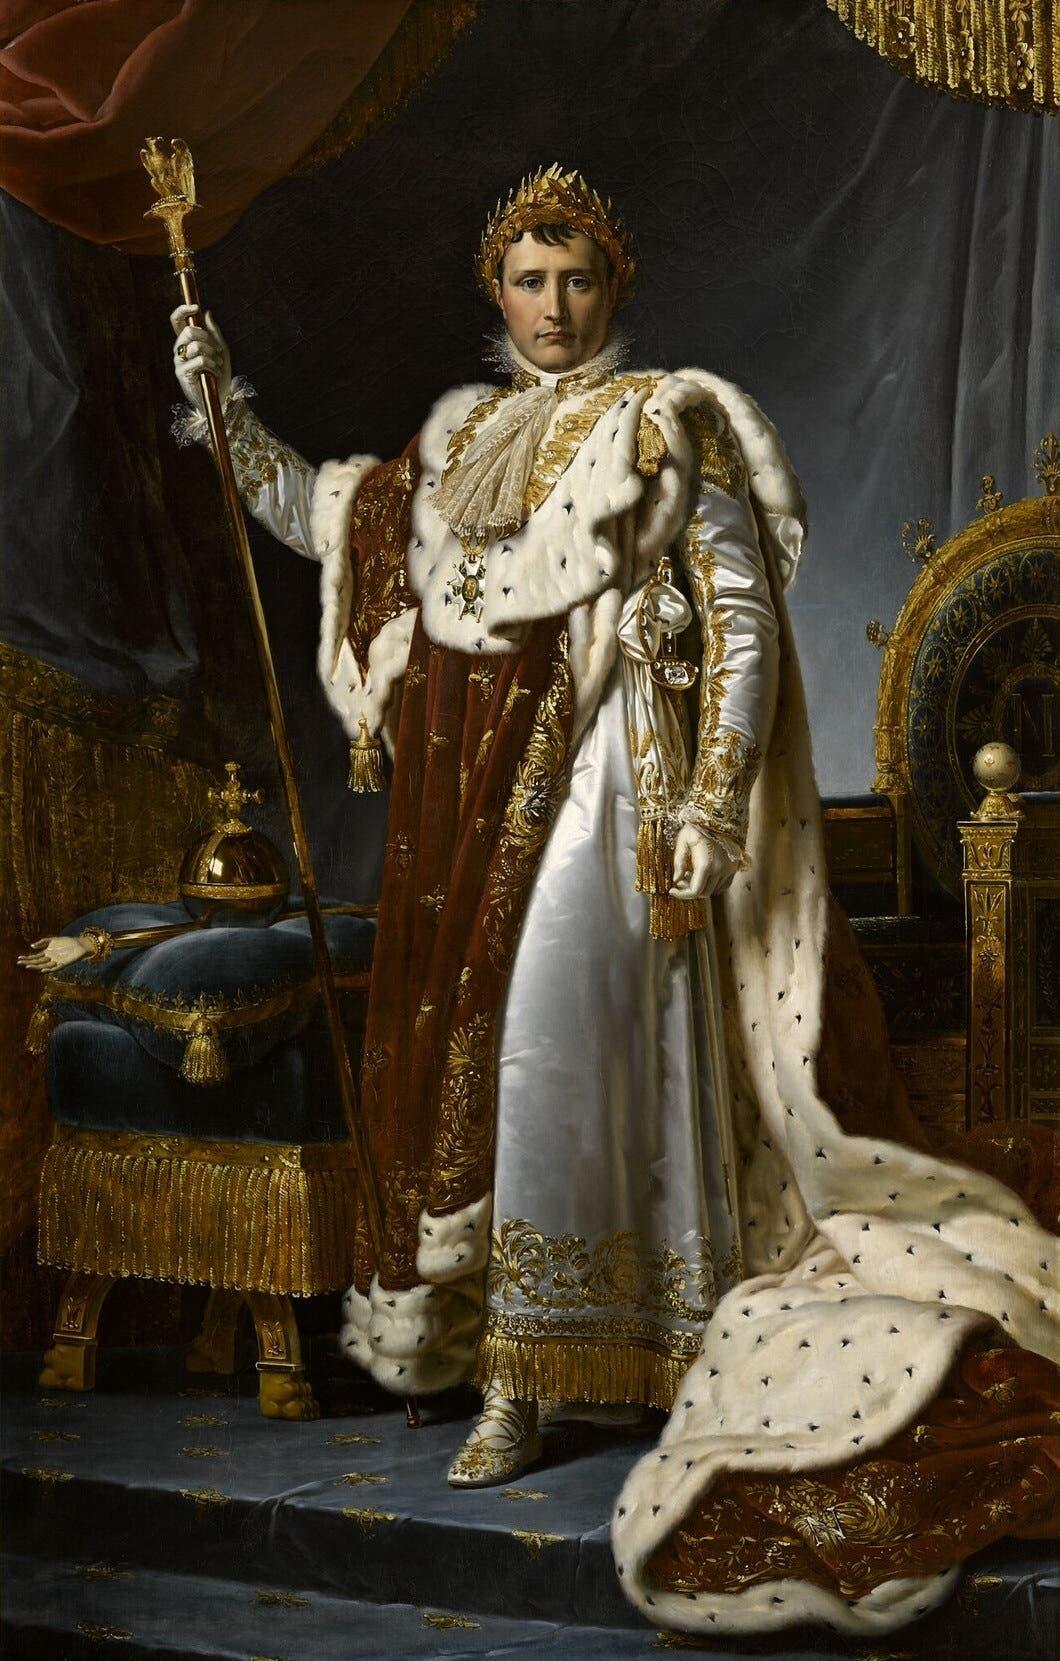 لوحة تجسد الإمبراطور الفرنسي نابليون بونابرت